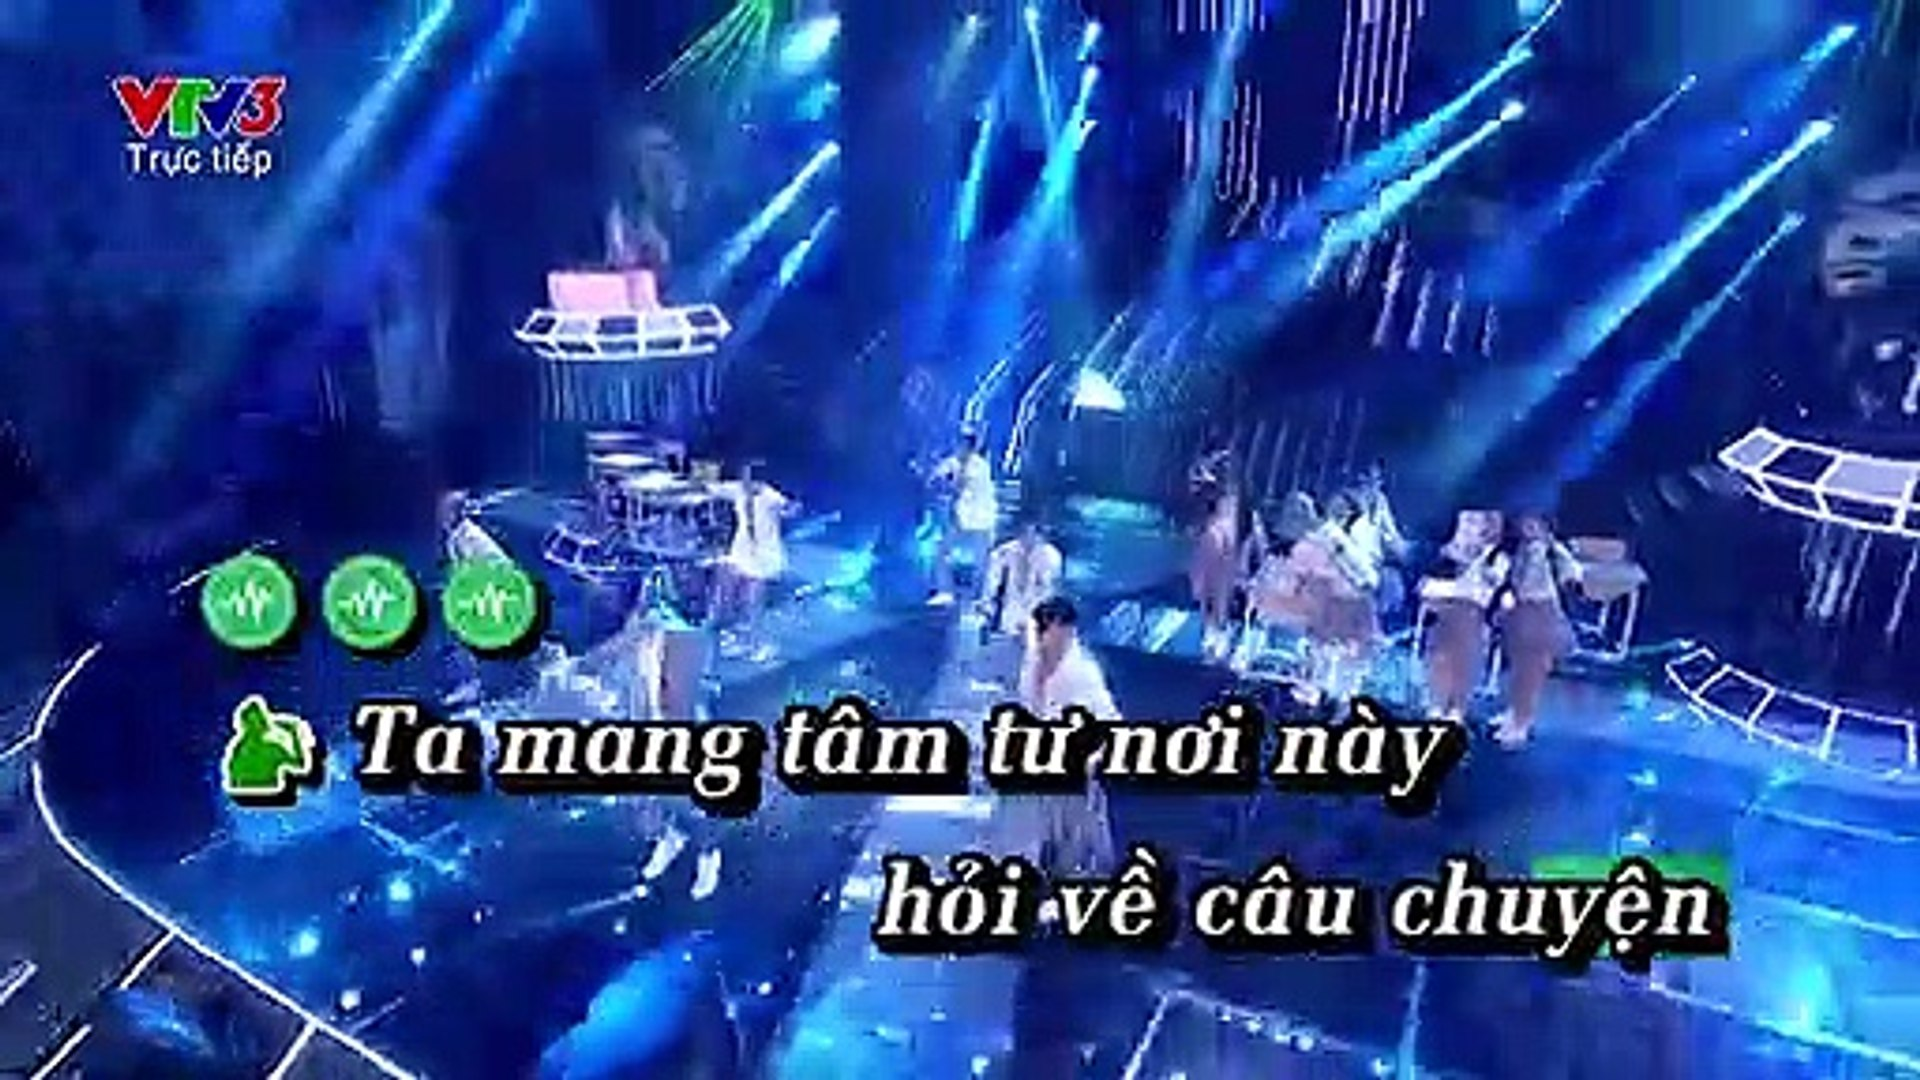 [Karaoke] Chuyện Chàng Cô Đơn (Remix) - Soobin Hoàng Sơn Ft. Rhymastic [Beat]